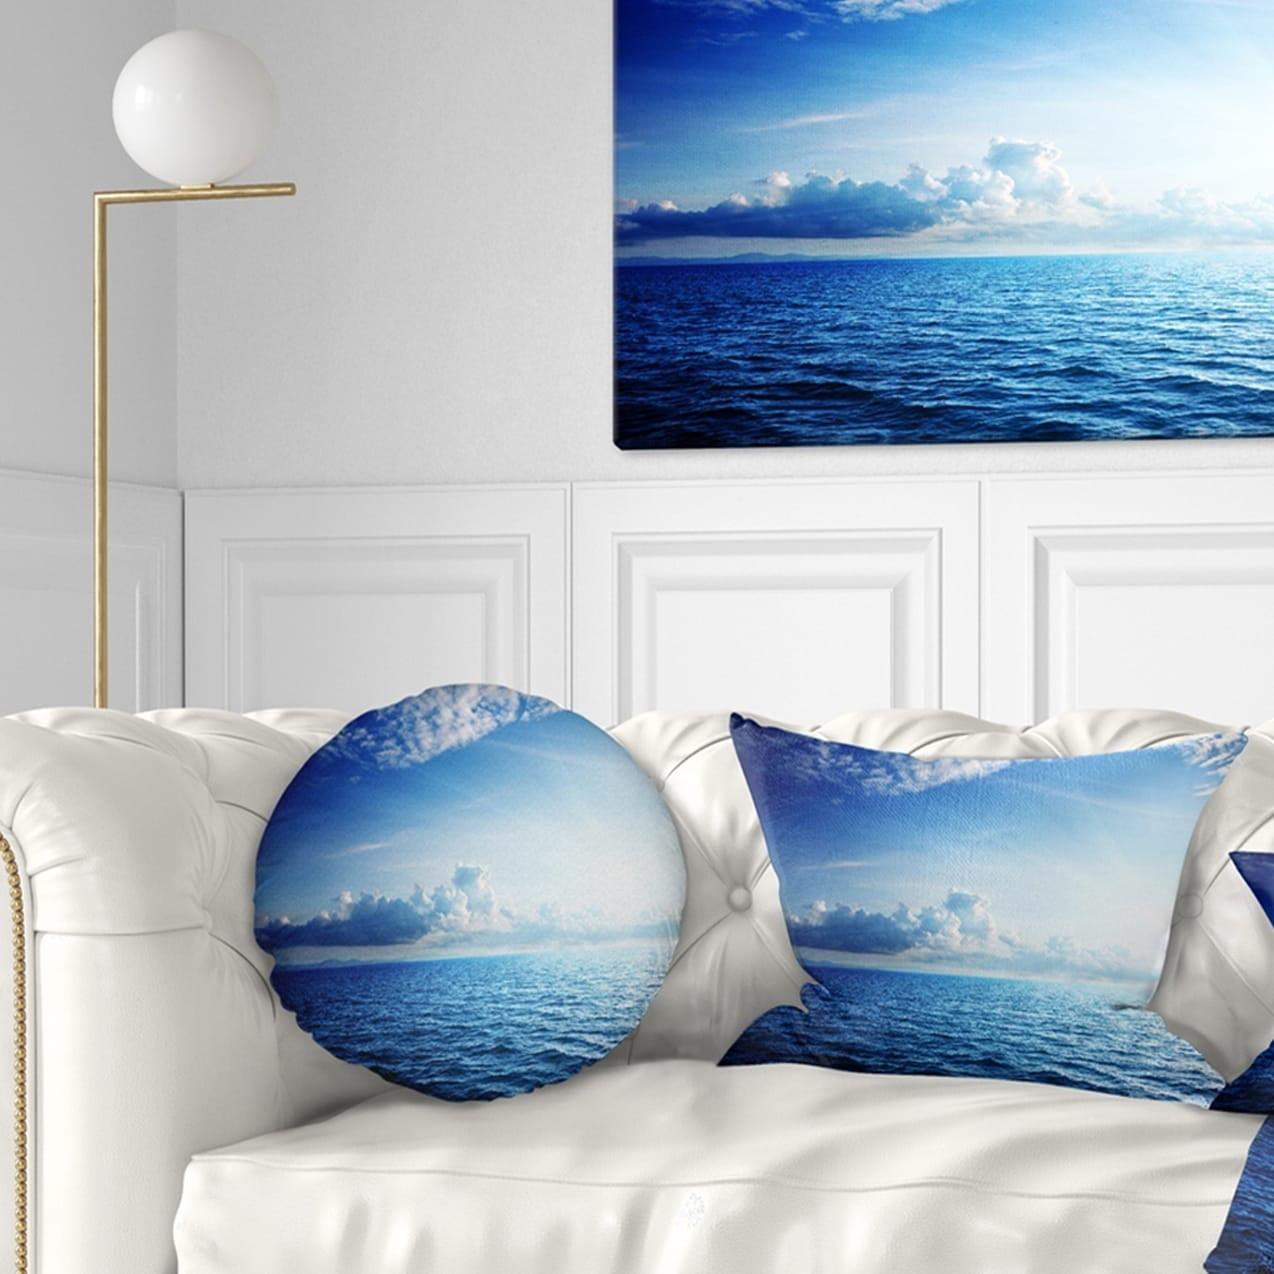 Design Art Designart Blue Caribbean Sea And Perfect Blue Sky Seascape Throw Pillow Walmart Com Walmart Com